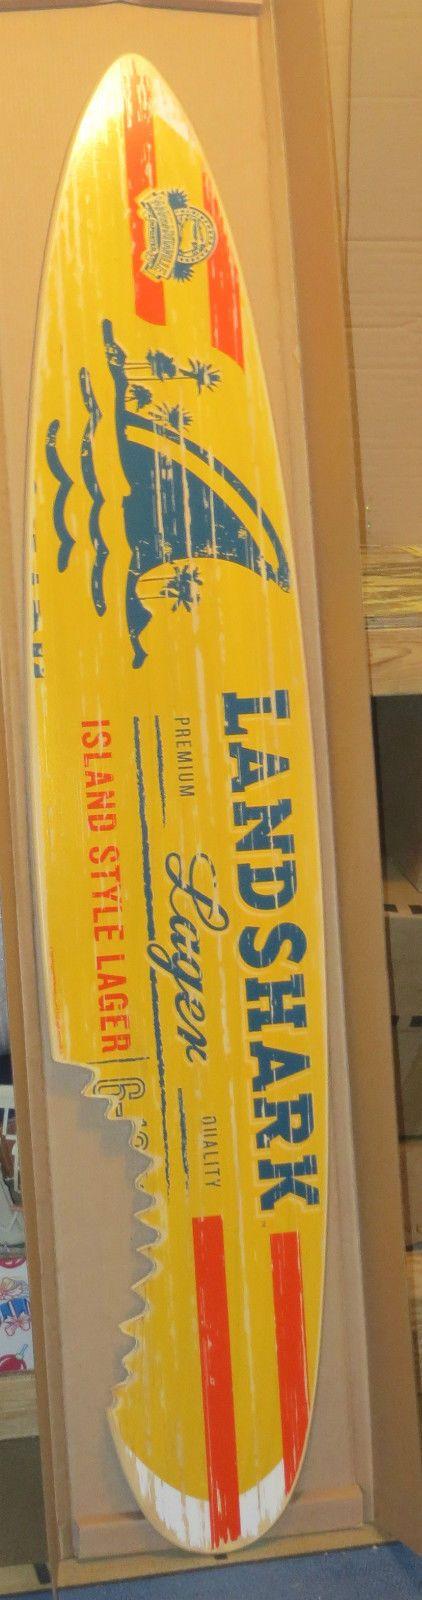 Landshark Lager 6ft Official Surfboard Sign Beer New In